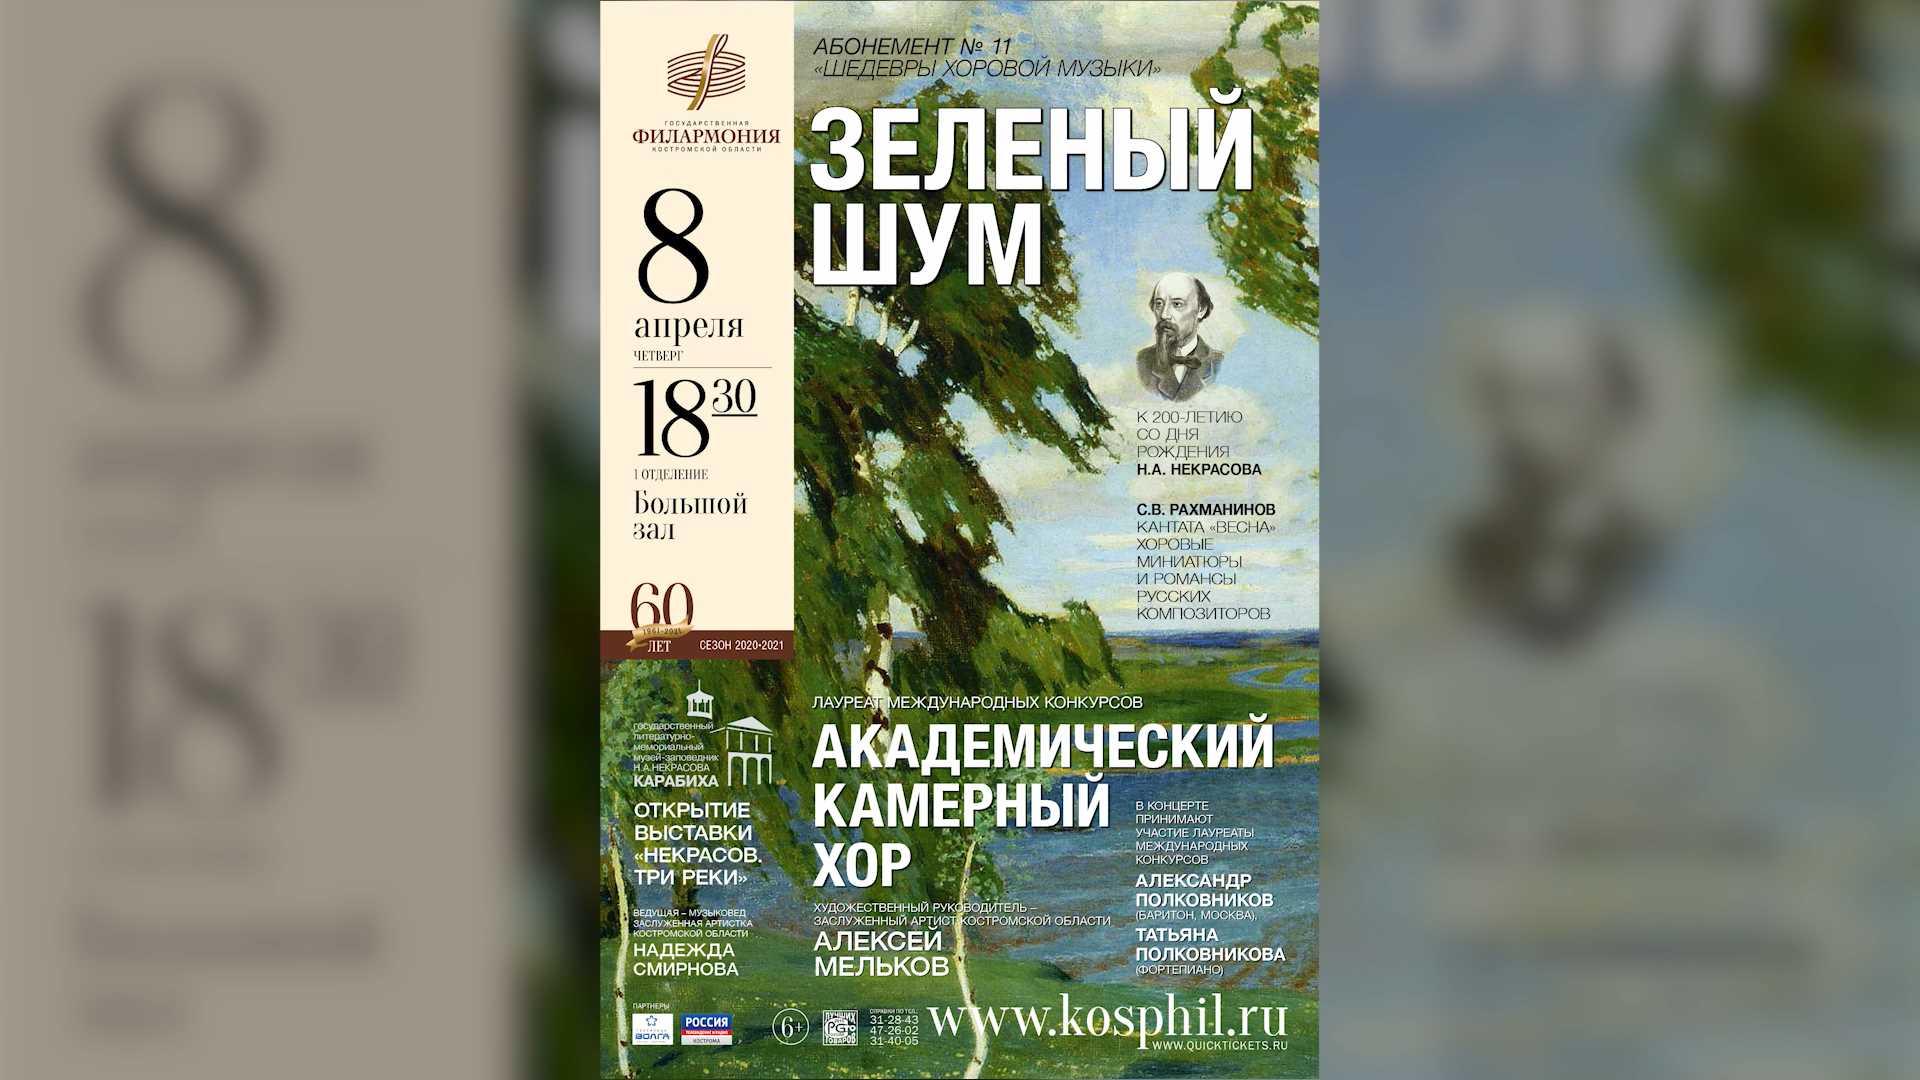 Музыканты устроят в Костромской филармонии «Зеленый шум»